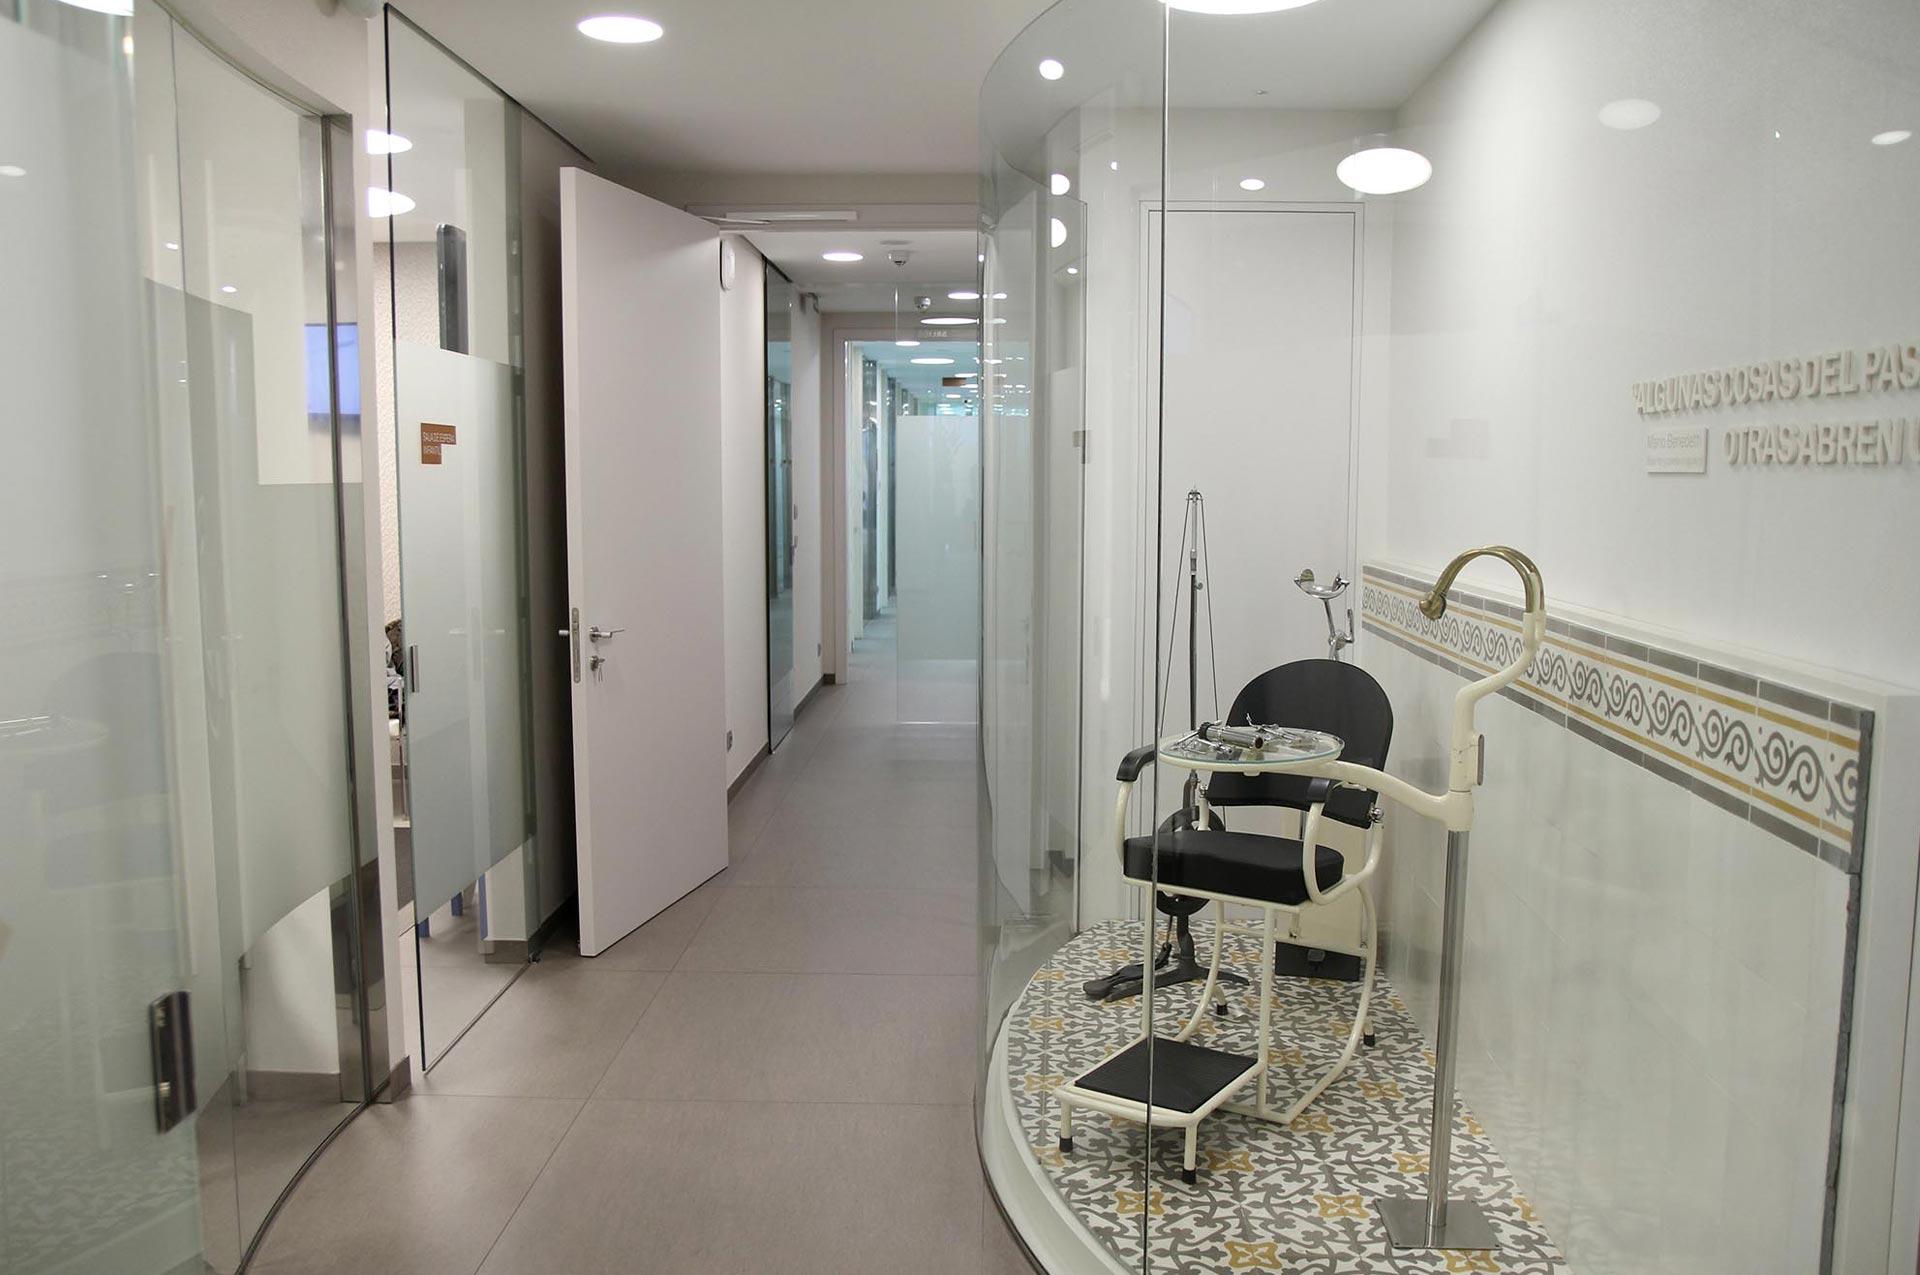 acceso a gabinetes Clinica Blanco Ramos